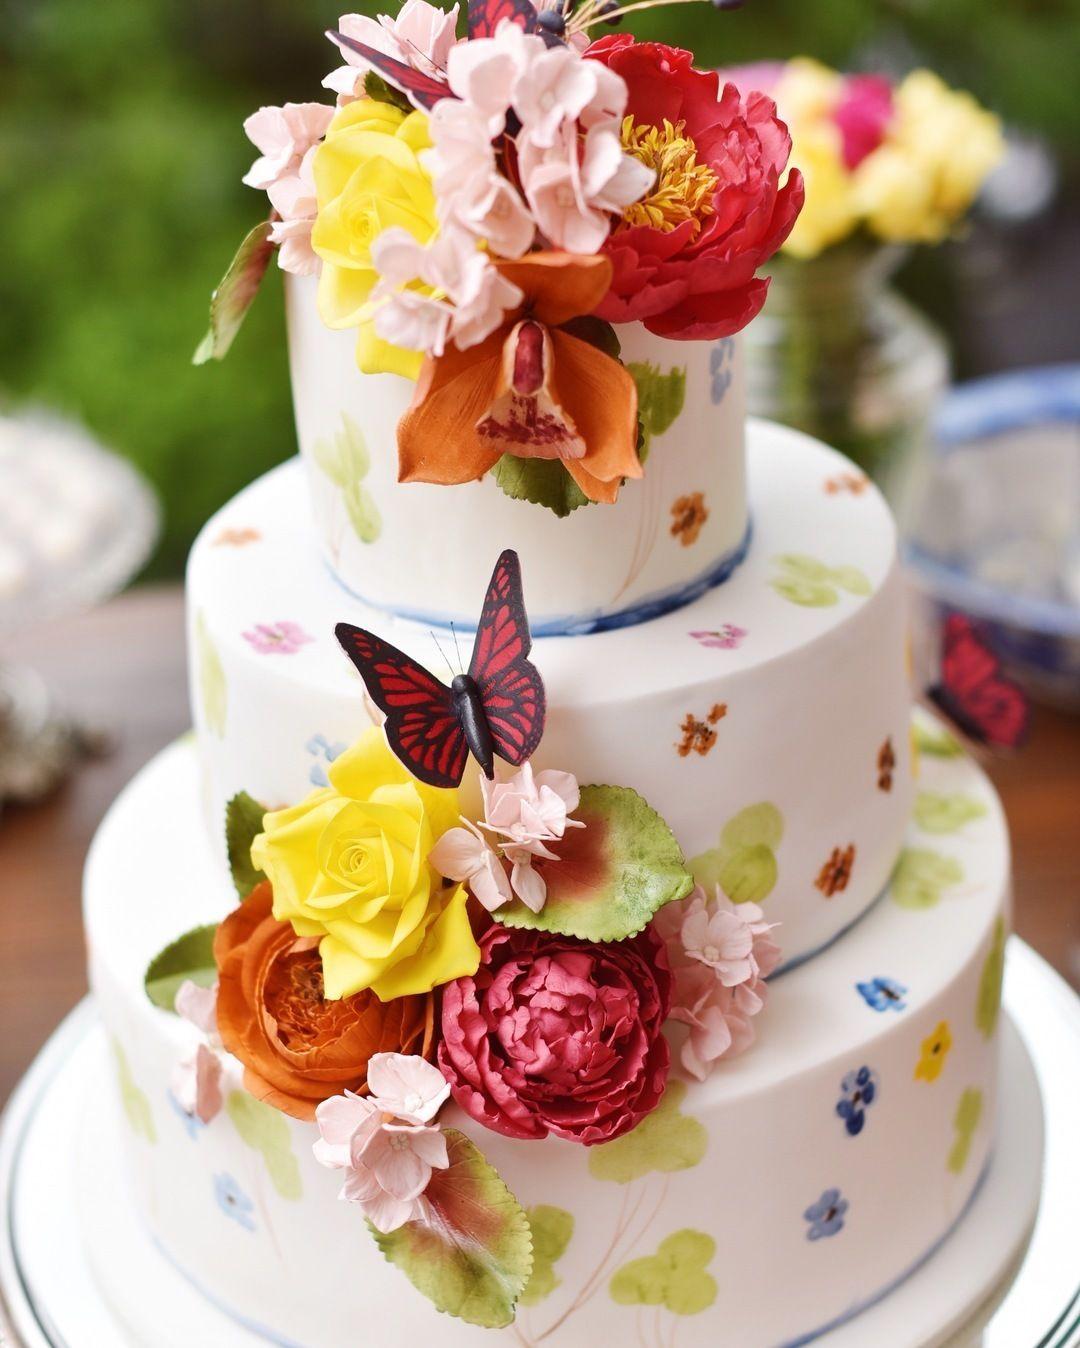 Bom dia minhas lindezas! Hoje o post tá super inspirador! O chá de cozinha lindo e alegre da Thaíssa Naves irmã da linda da @thassianaves ! Corre já pro blog se inspirar nesse chá colorido! #wedding #casamento #bride #groom #instagood #instabride #instawed #bridal #bridetobe #lovely #inlove #cute #inspiration #amor #weddingmorning #noiva #blogdecasamento #weddingideas #weddinginspiration #blogdamariafernanda #noivas2017 #casamentonocampo #casamentorustico #decoracaodecasamento #picoftheday